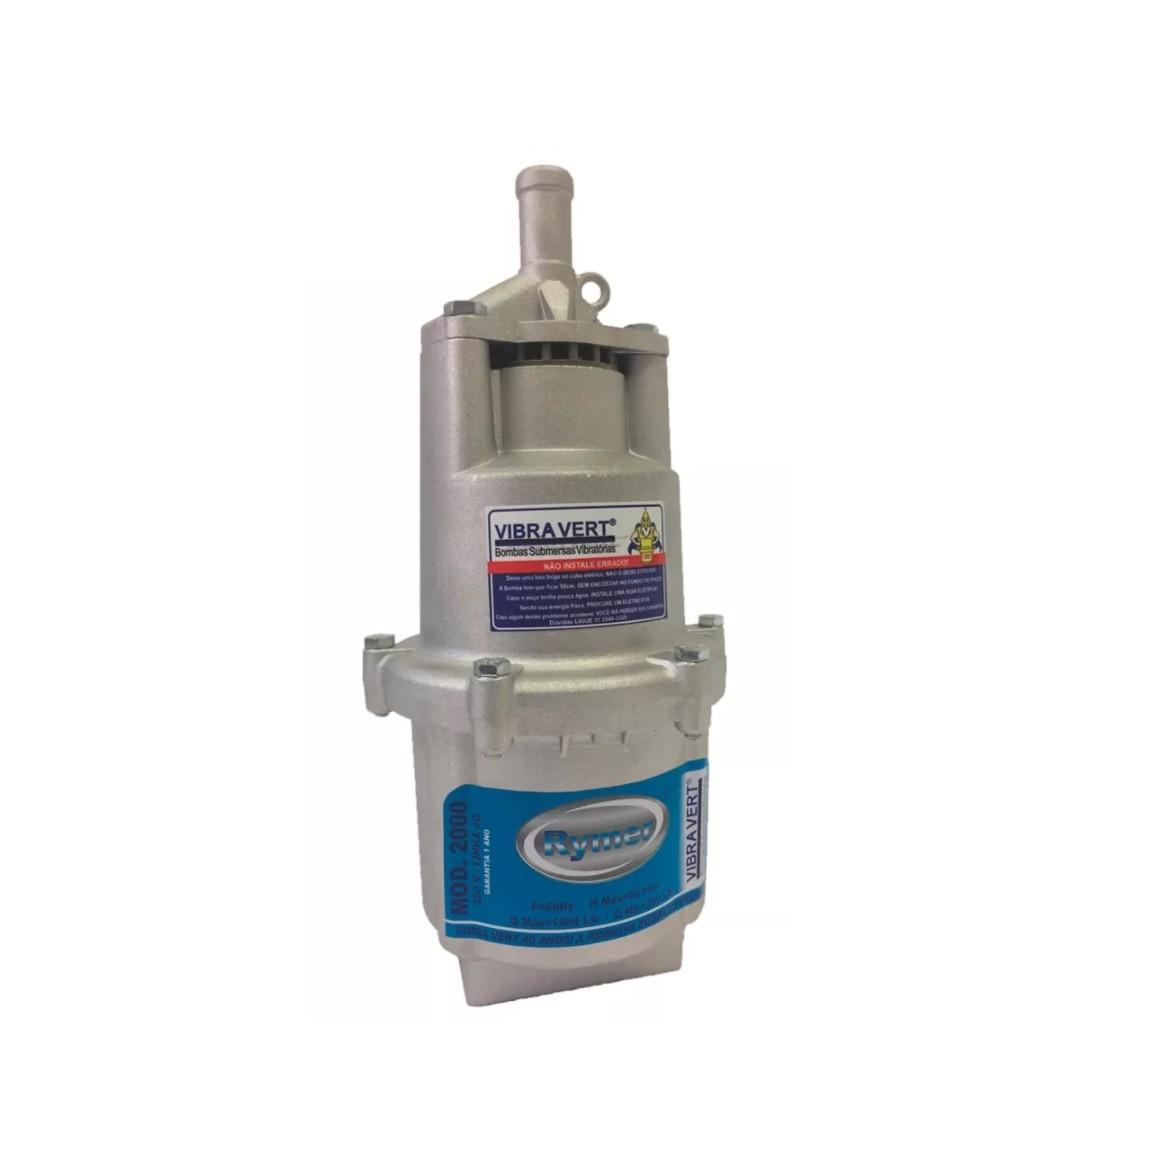 Bomba Vibratoria Rymer 2000 127V - Vibravert